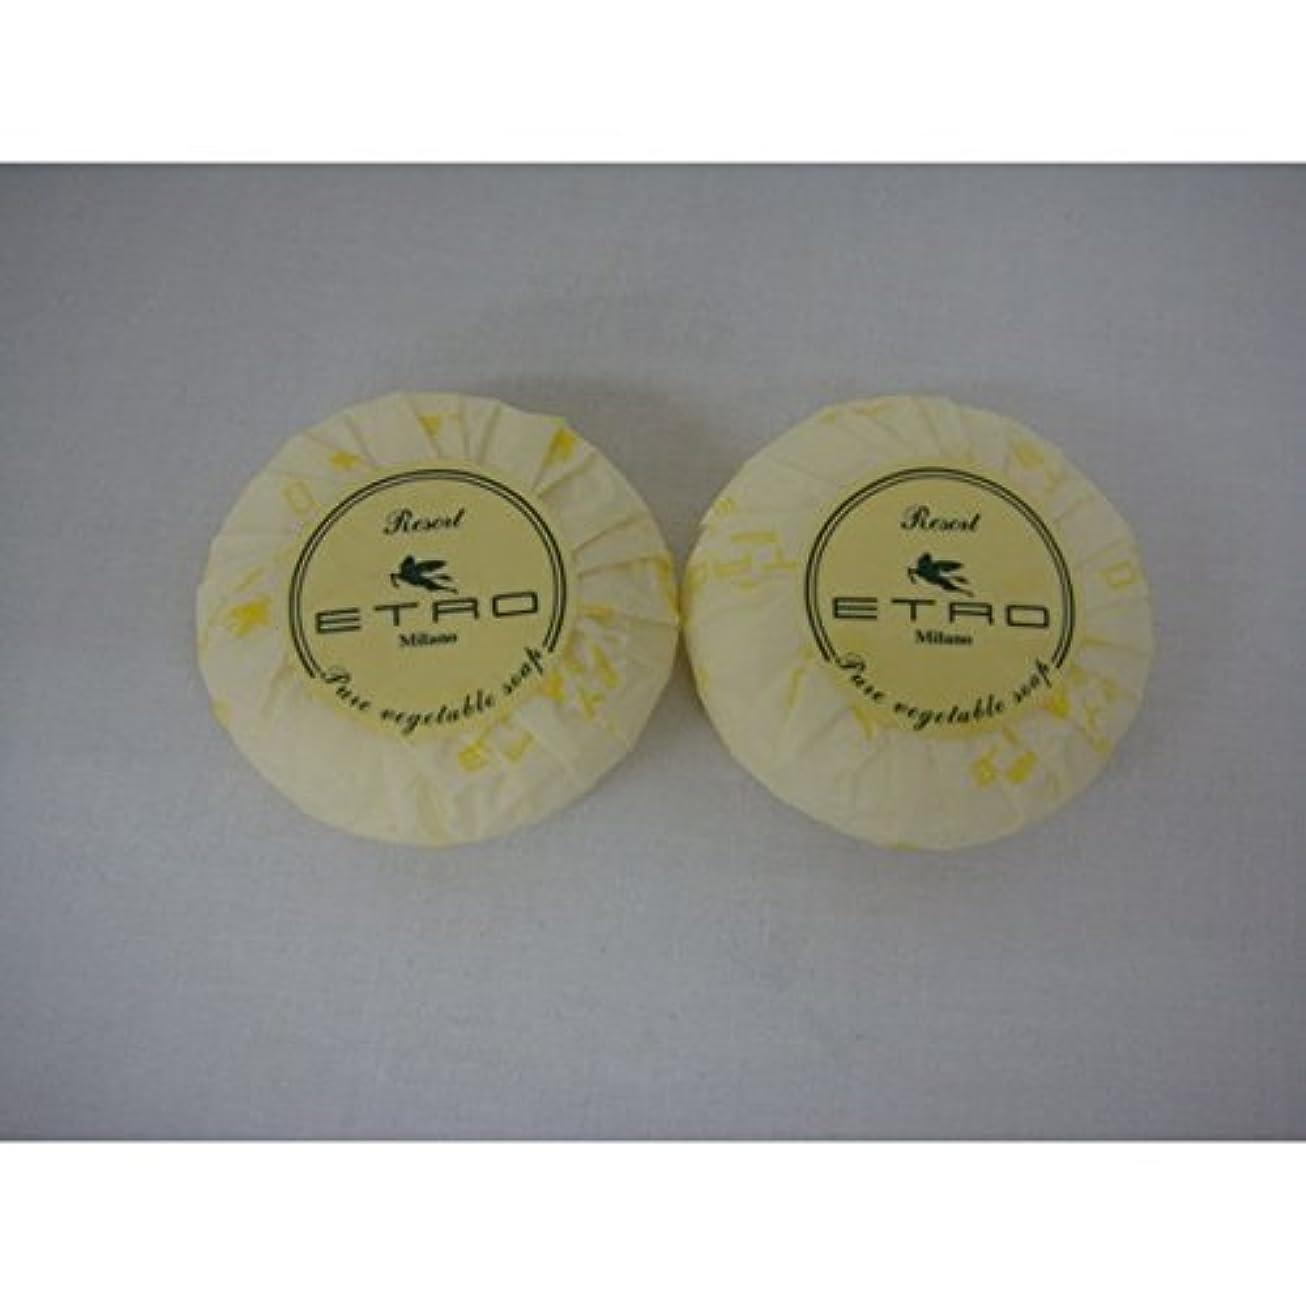 洗うきちんとした干渉ETRO エトロ ピュアベジタブルソープ 石鹸40g×2個